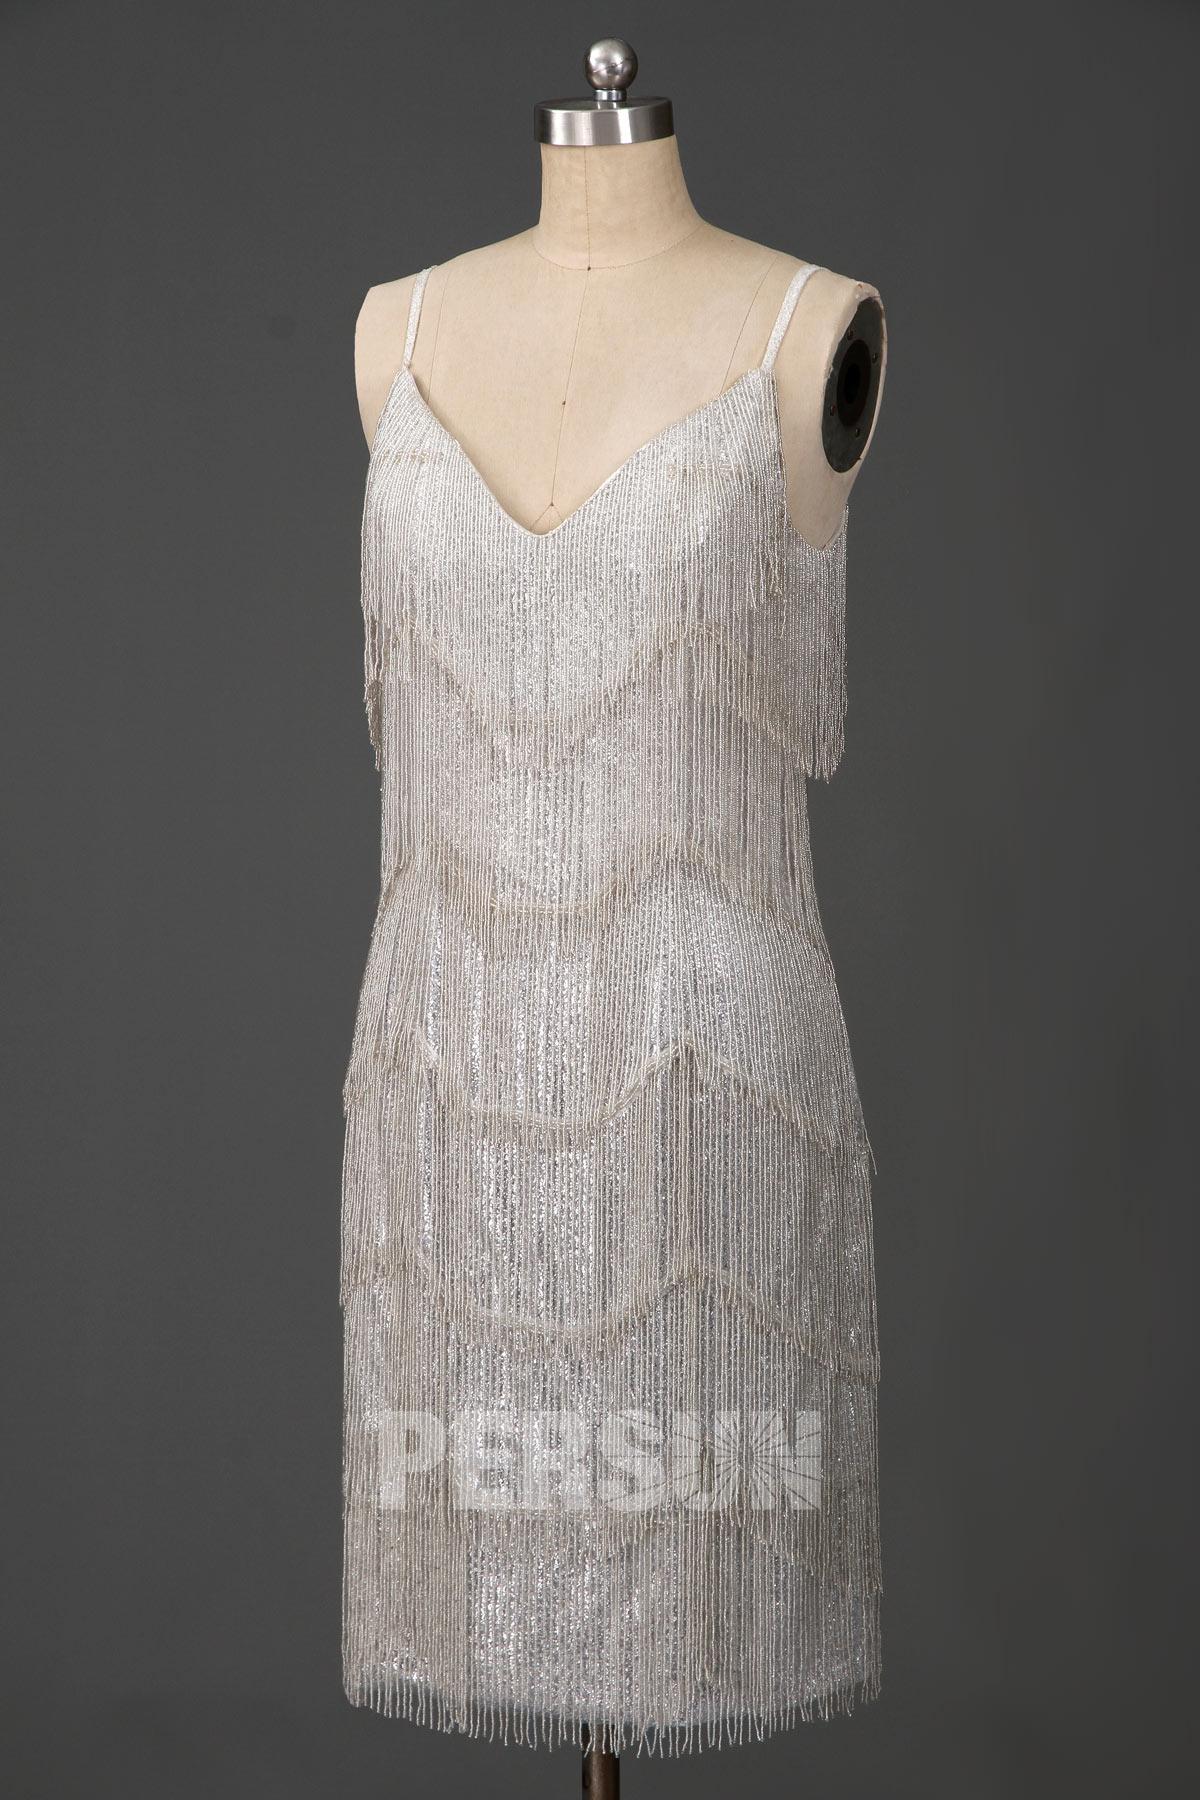 robe de cocktail vintage à franges perlettes argenté esprit gatsby année 1920s